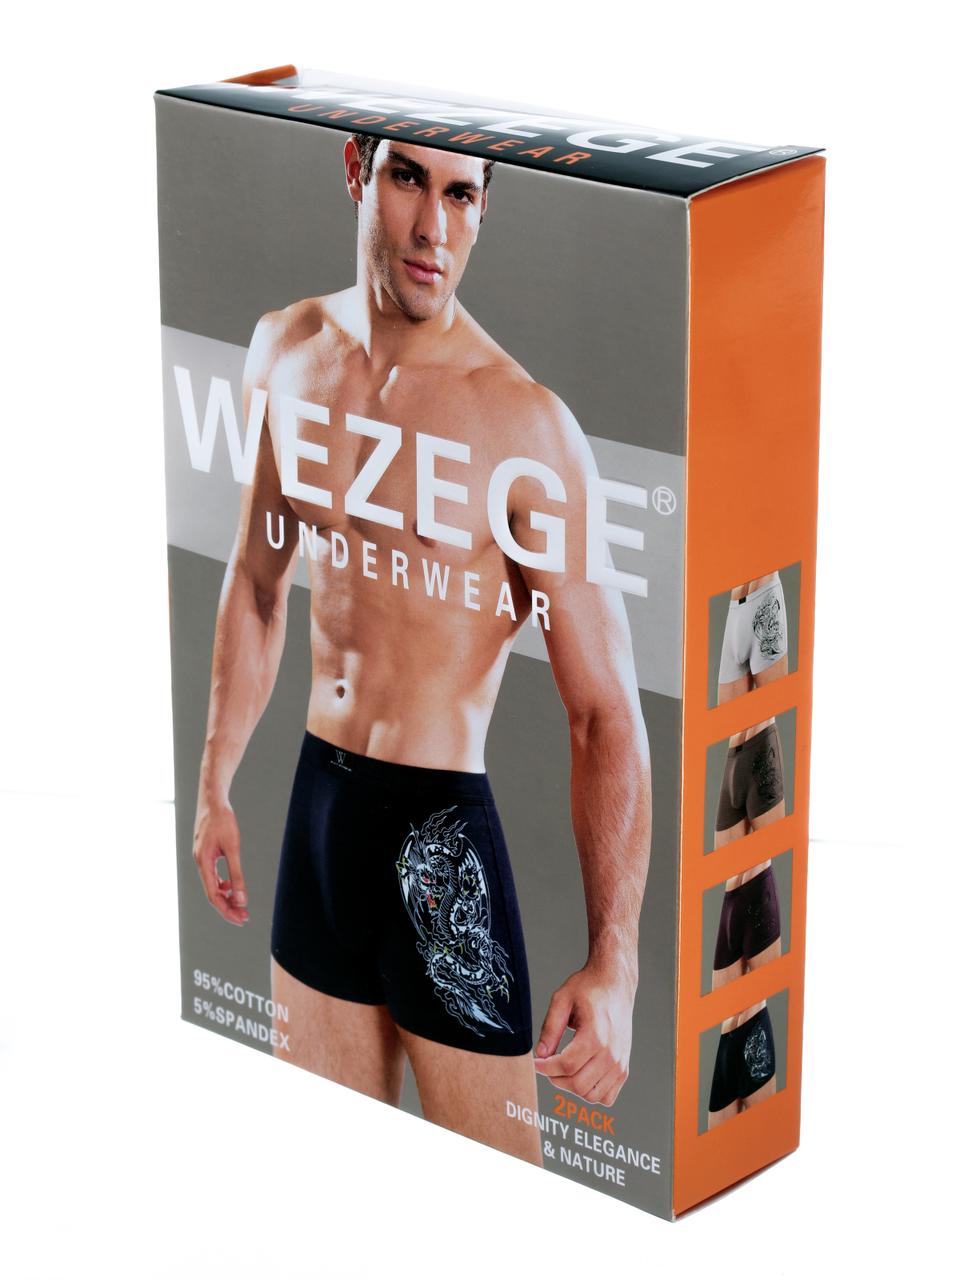 Труси чоловічі боксери  Wezege 9591. Набір з 2 штук в розмірі 3XL